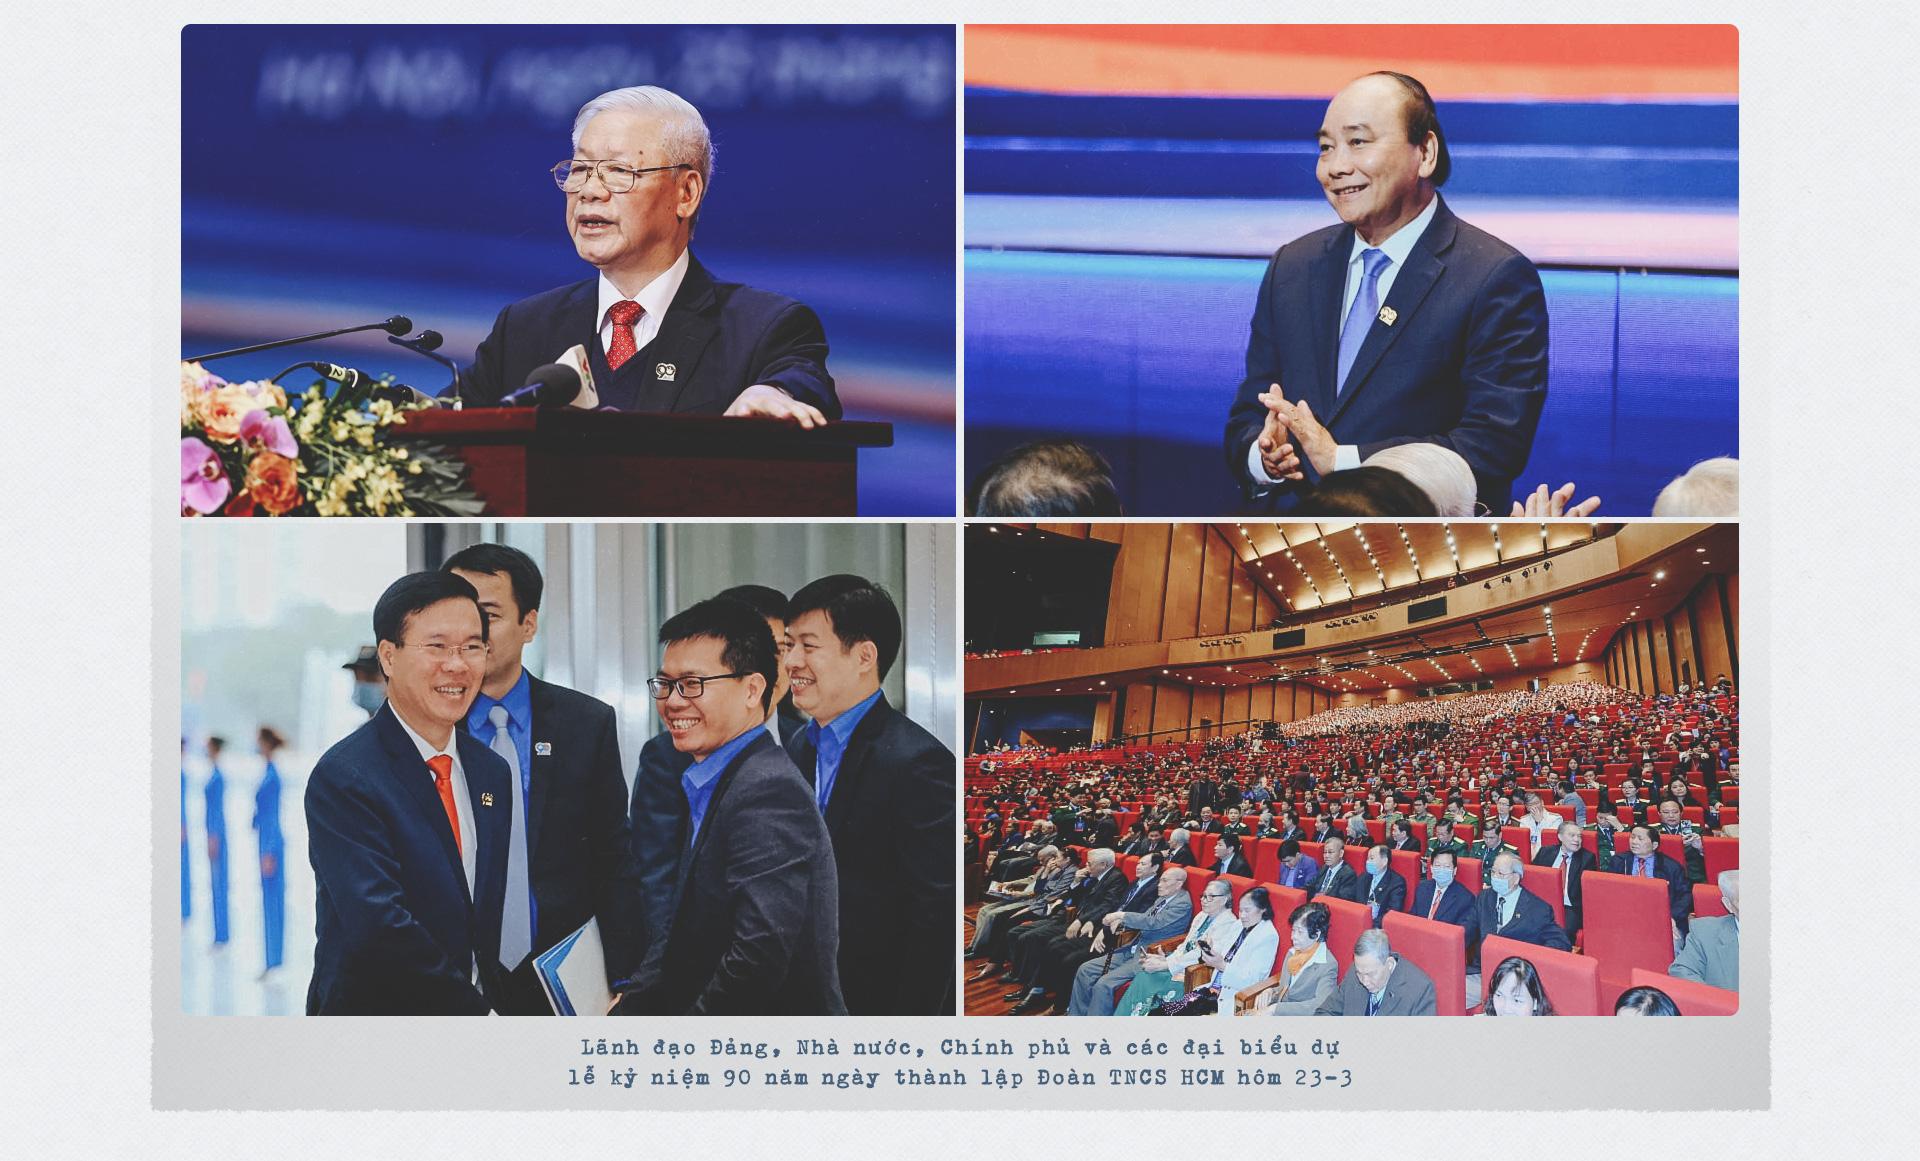 Kỳ 3 - Dấu ấn qua các kỳ Đại hội Đoàn - Ảnh 4.